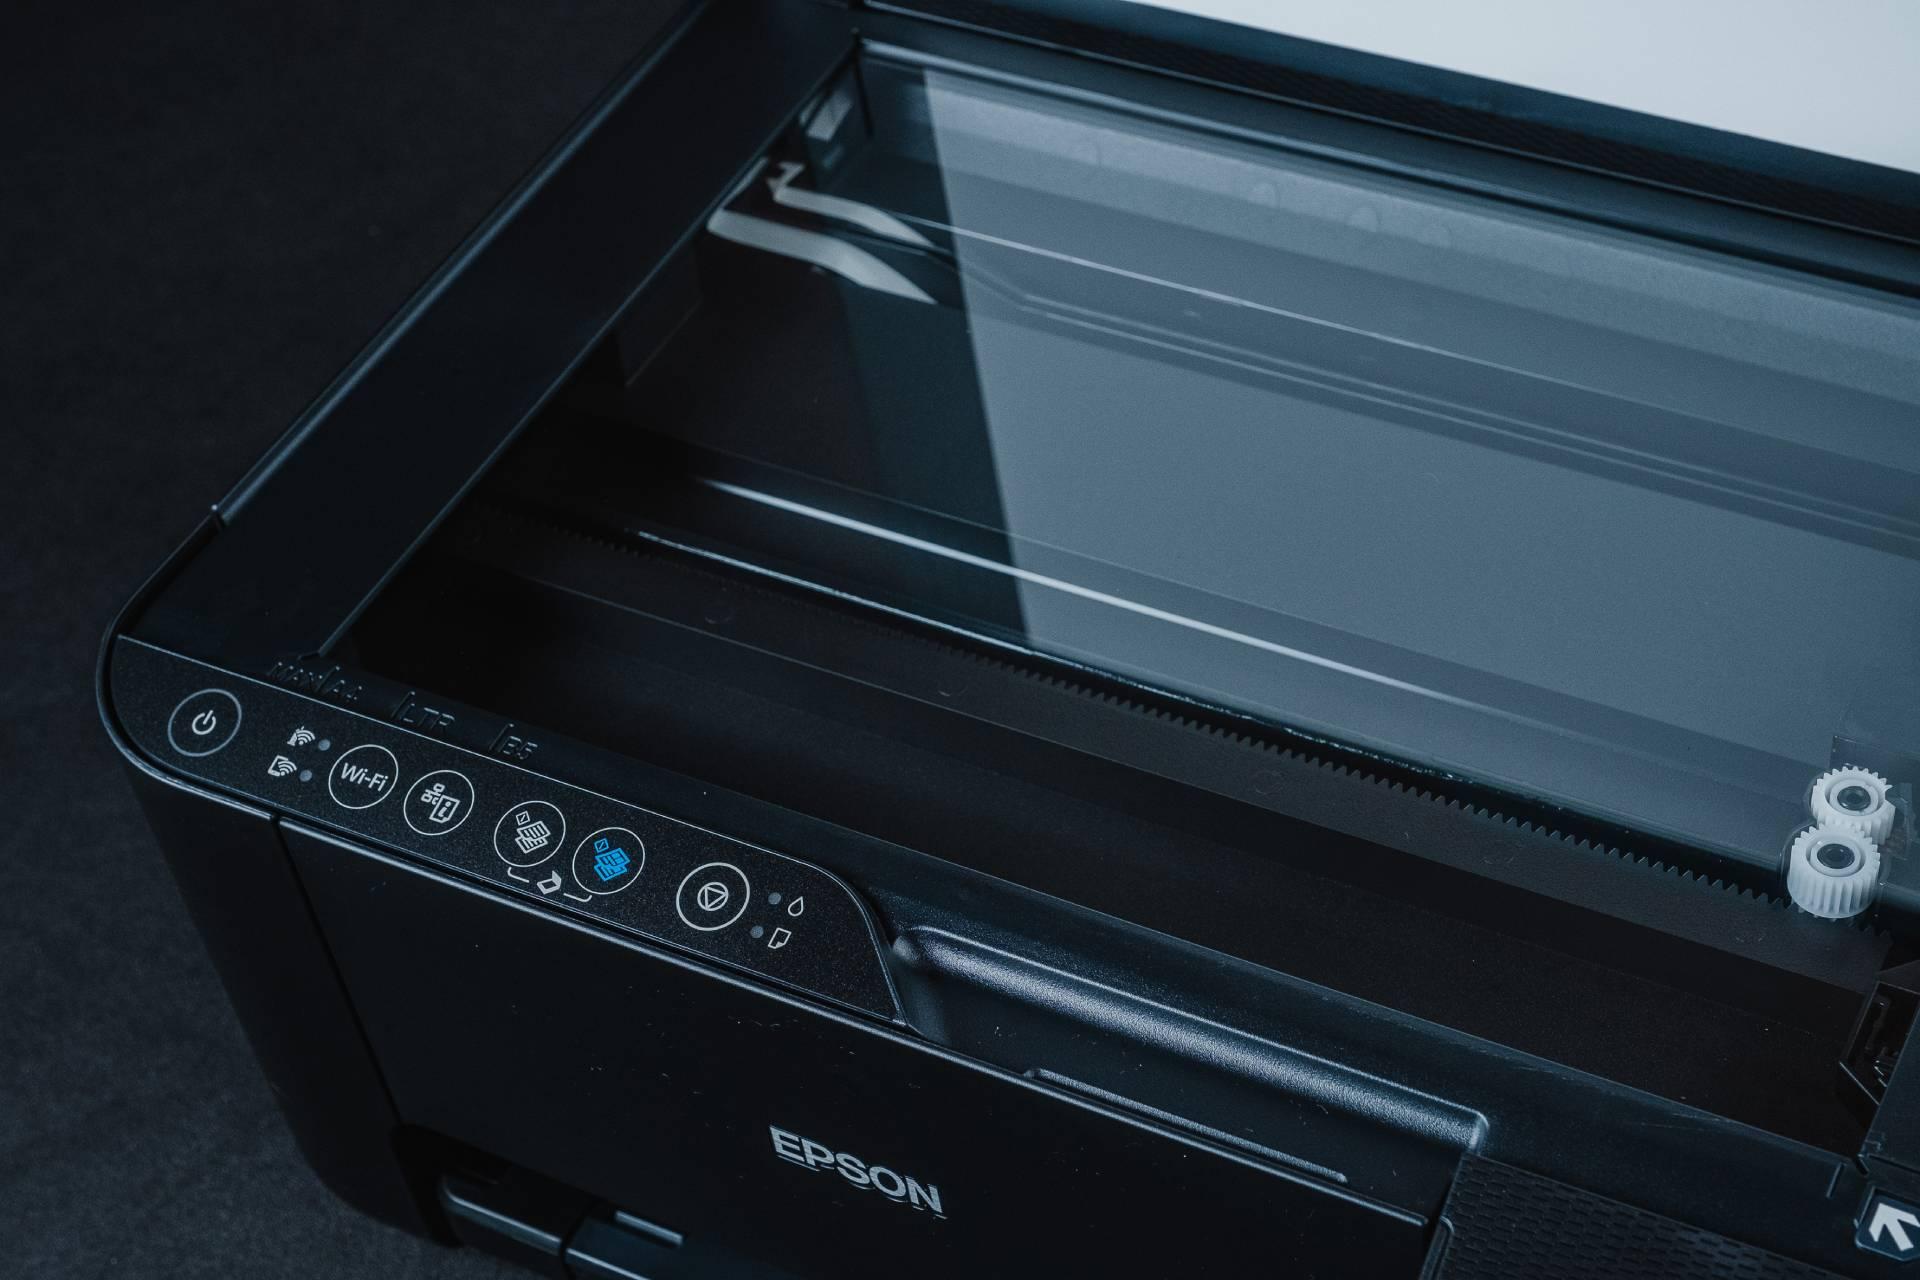 Sem muitos detalhes e com um design sóbrio, a Epson L3150 pode ser usada em qualquer tipo de casa ou escritório